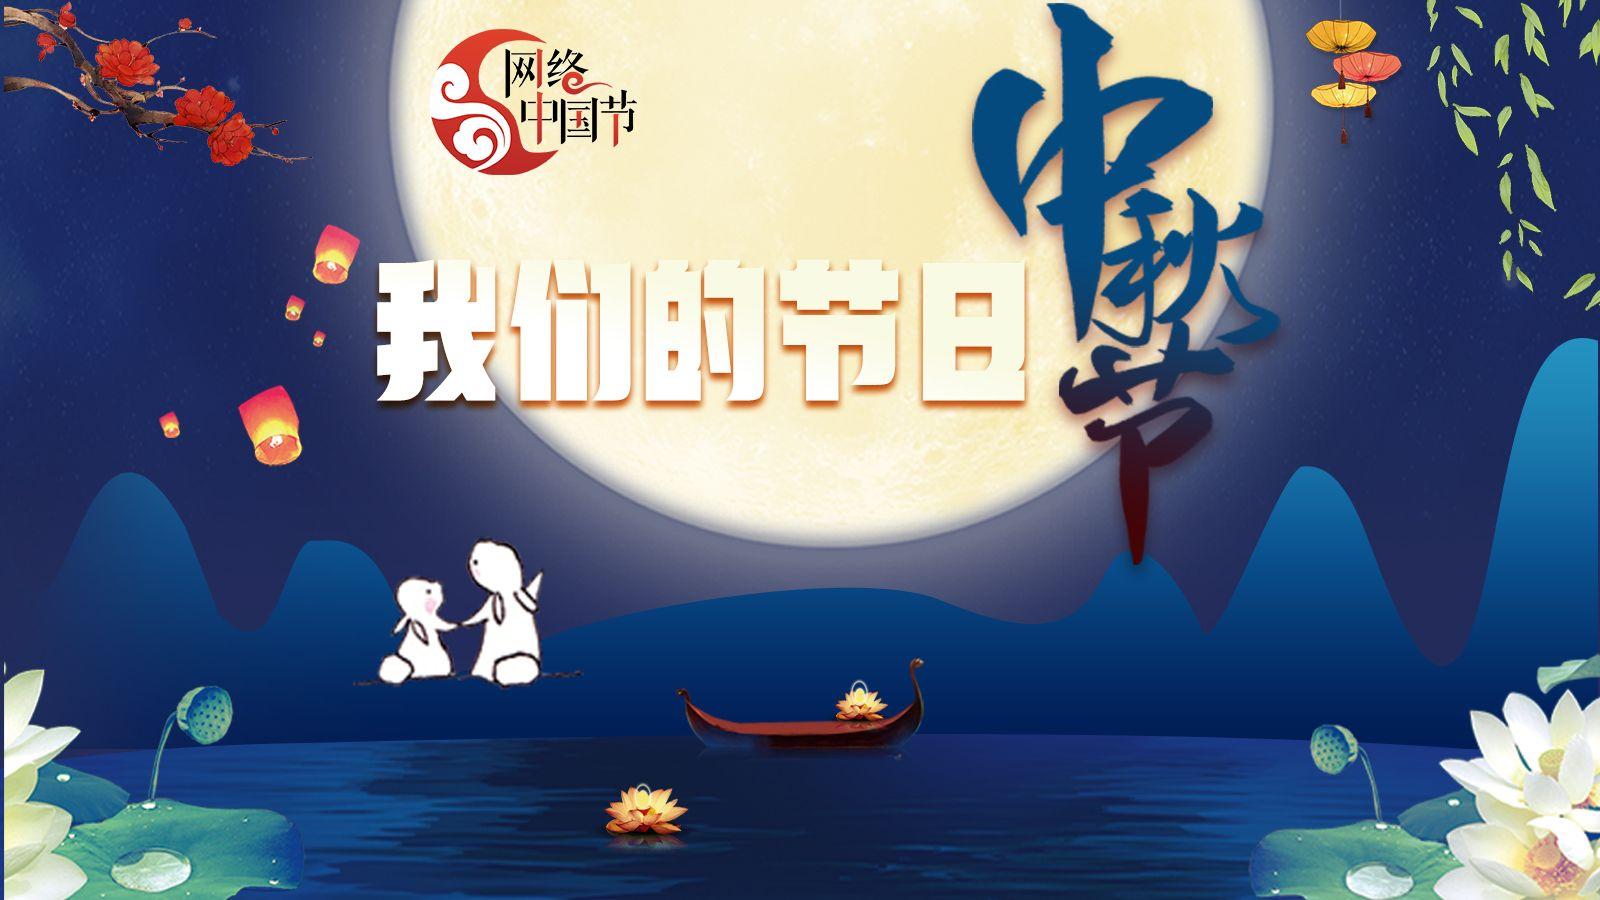 【我们的节日】网络中国节·中秋节